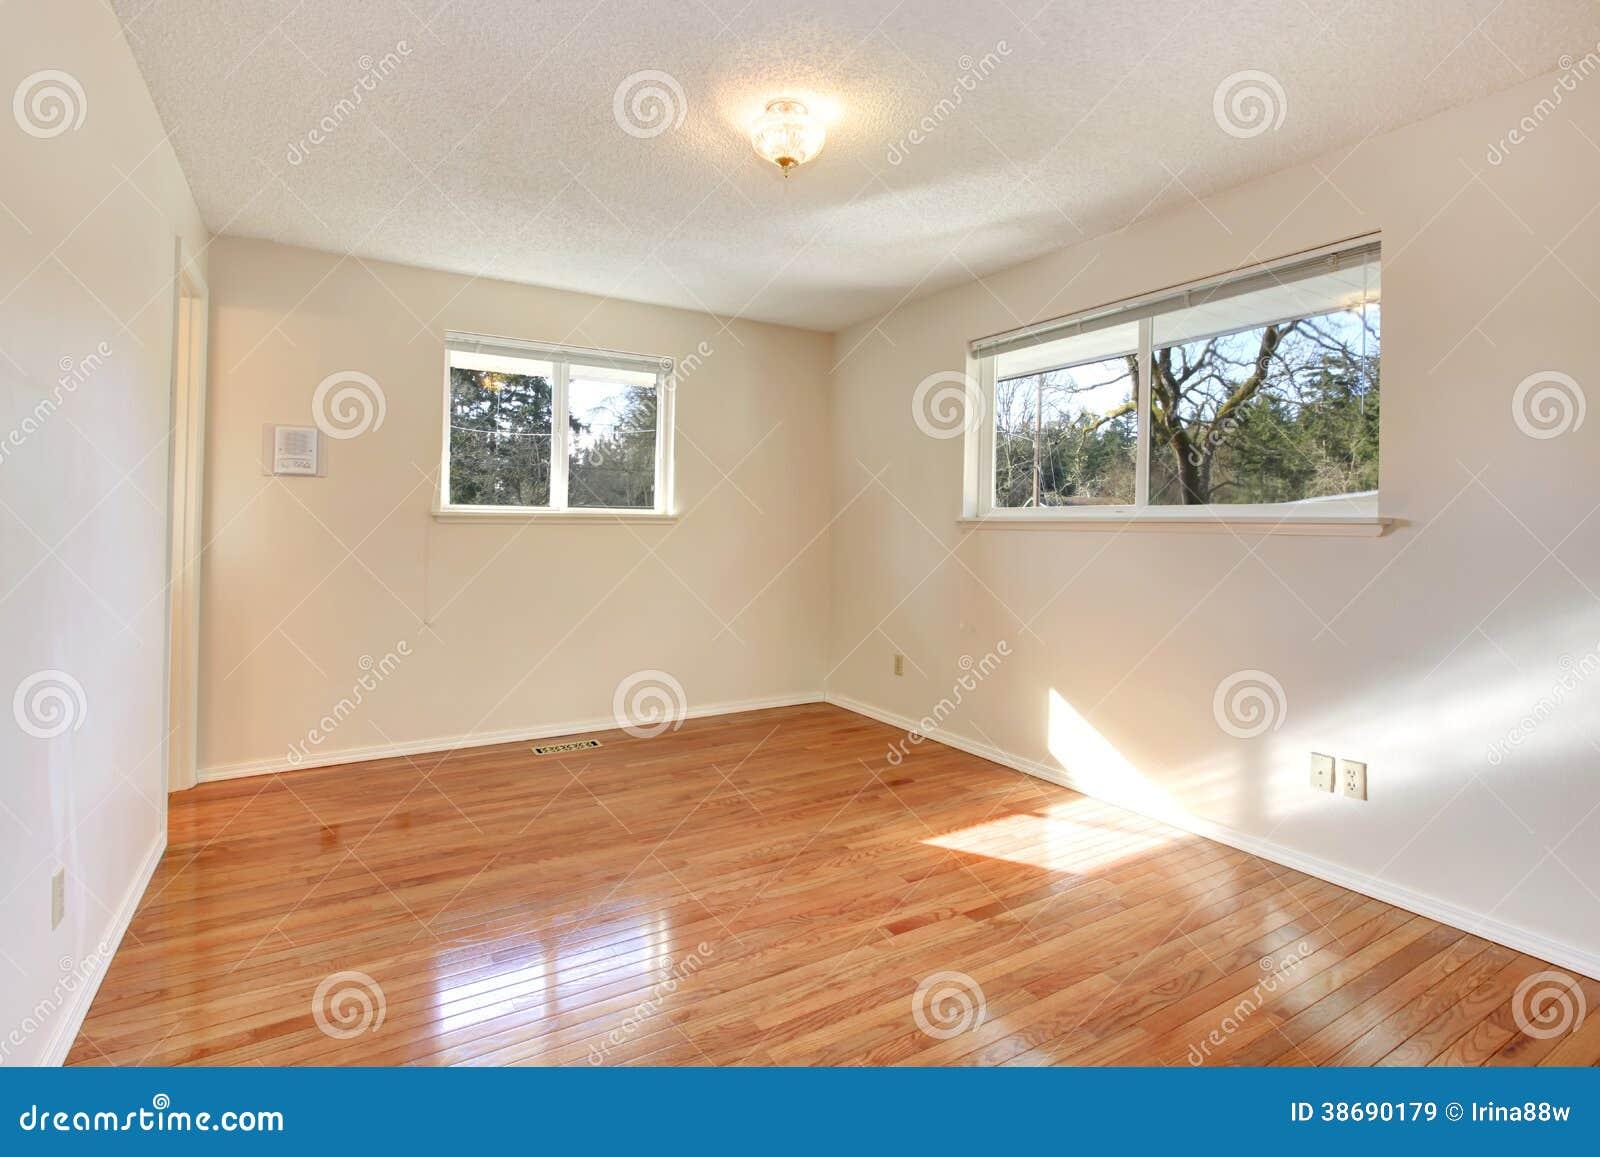 #82A328  Duas Janelas Pequenas Imagens de Stock Royalty Free Imagem: 38690179 1810 Janela De Aluminio Pequena